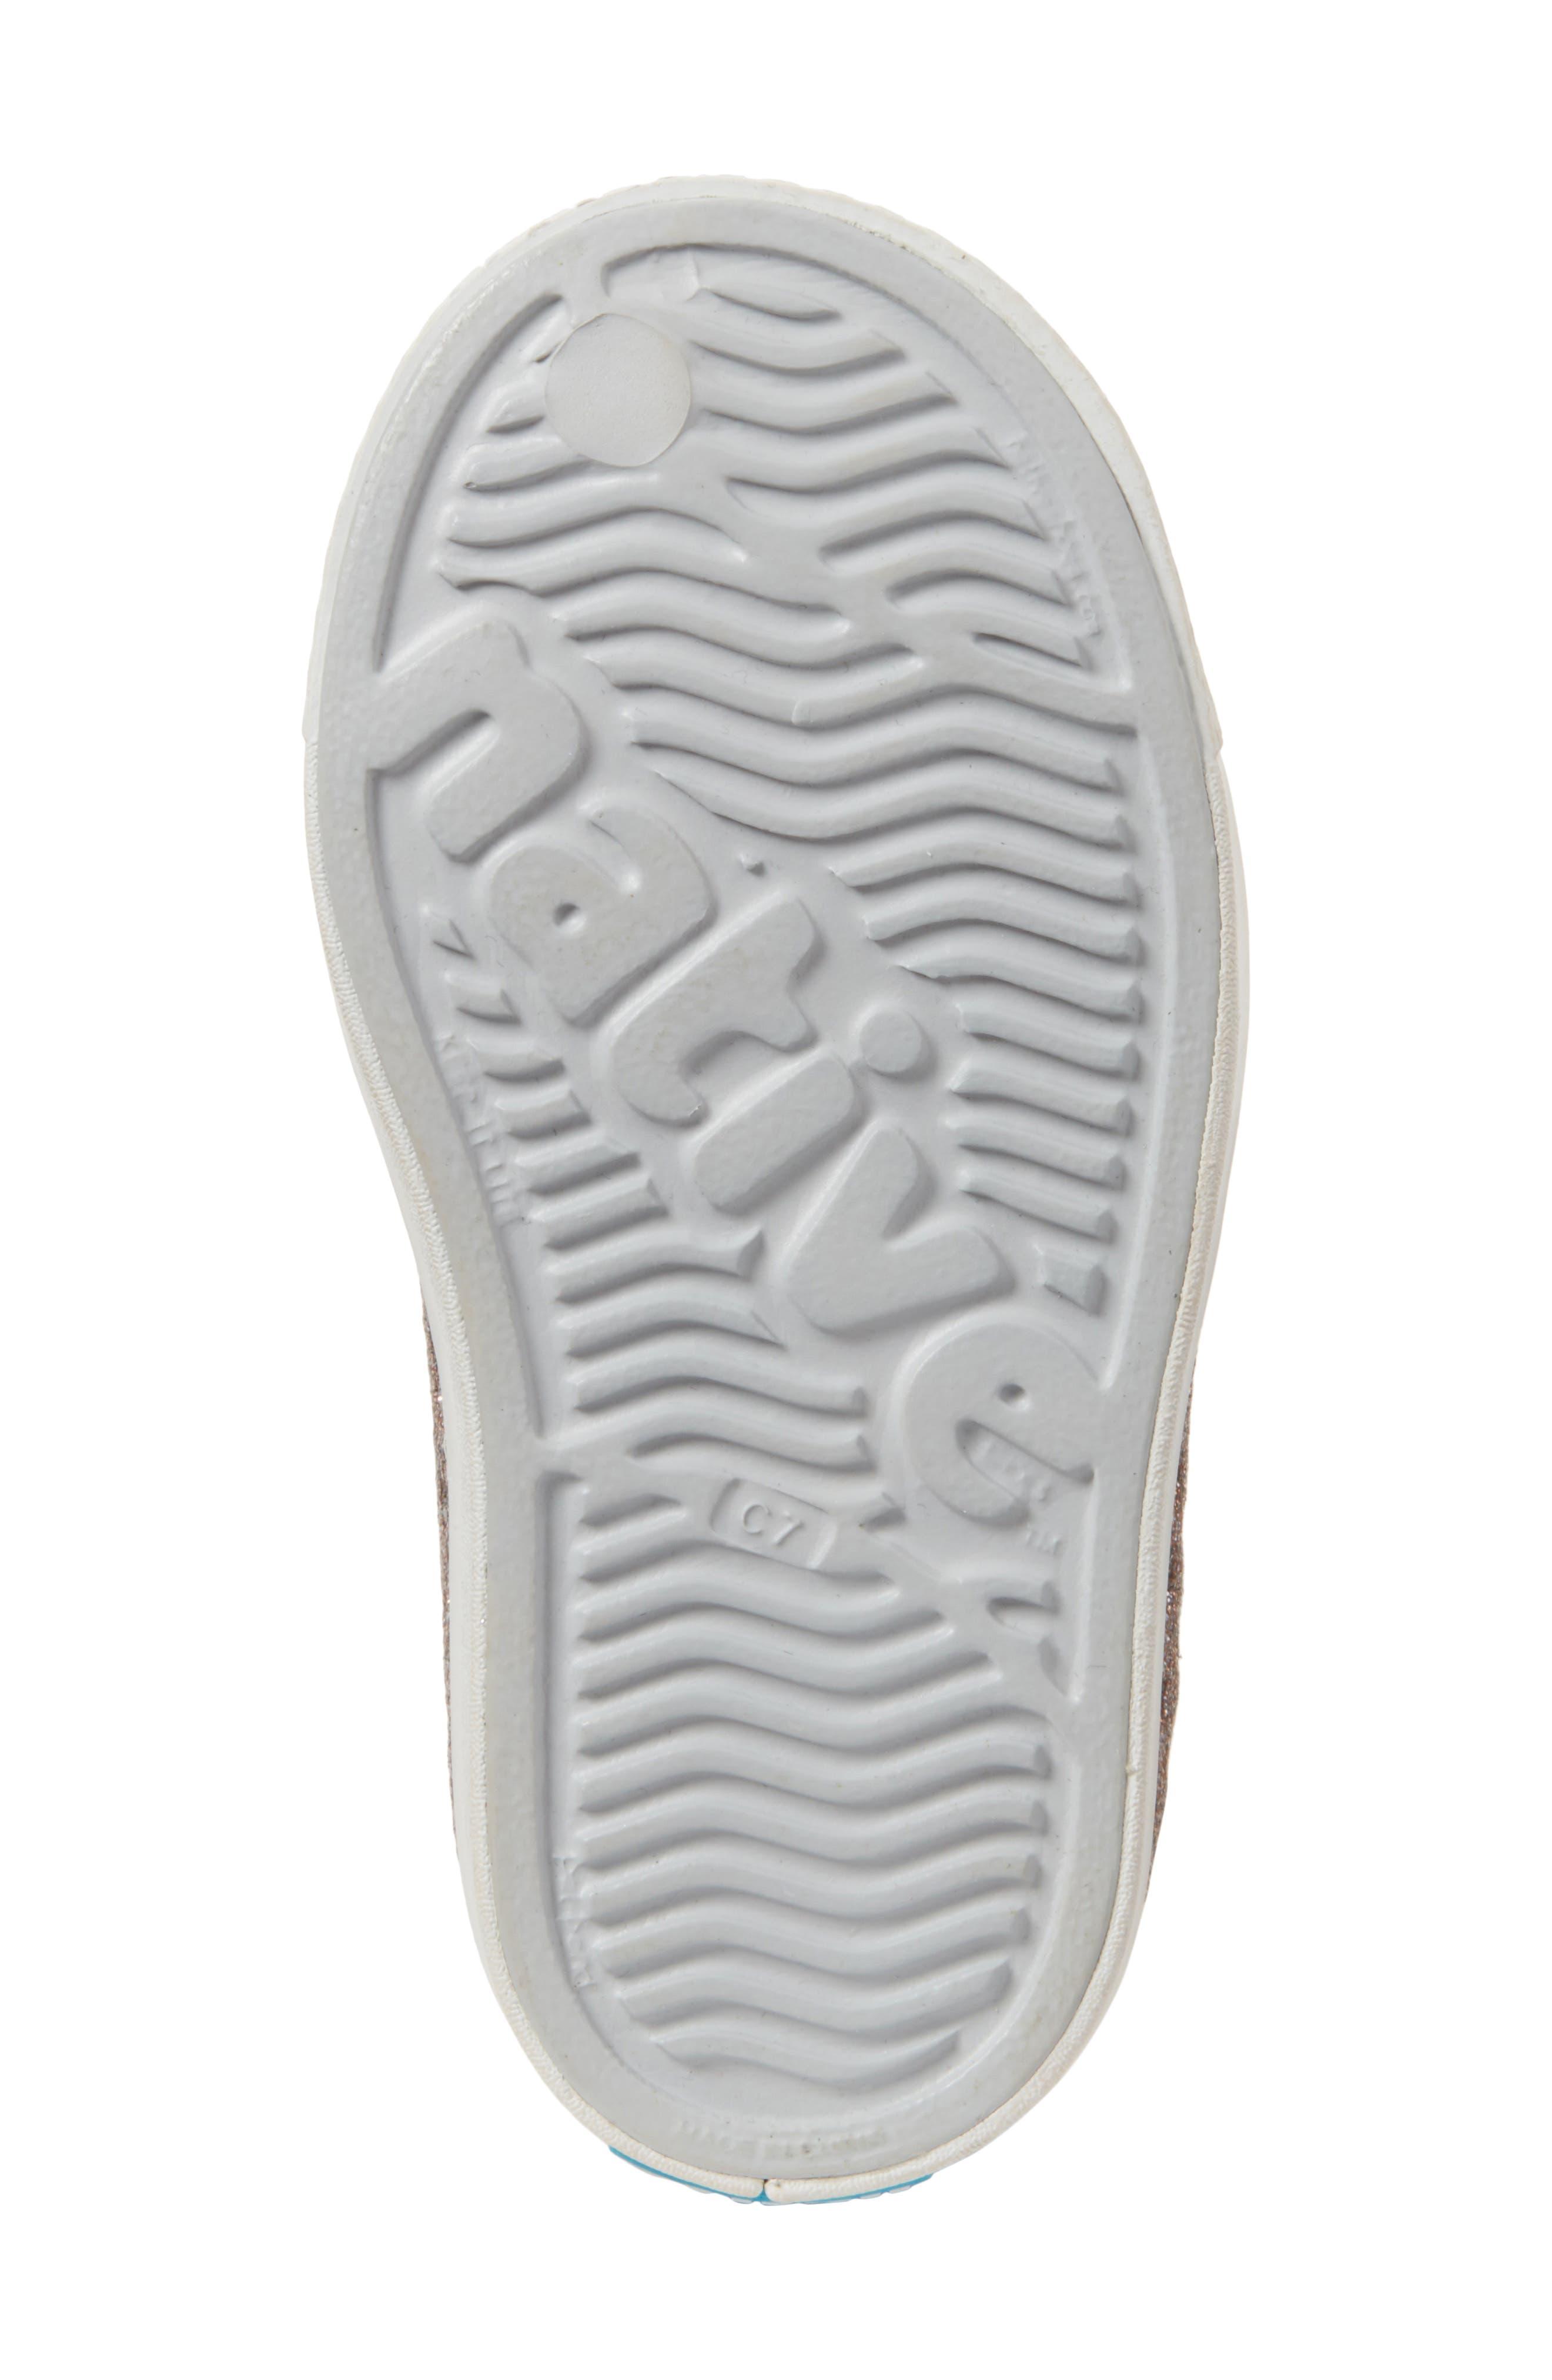 Jefferson - Bling Glitter Slip-On Sneaker,                             Alternate thumbnail 6, color,                             METALLIC BLING/ SHELL WHITE